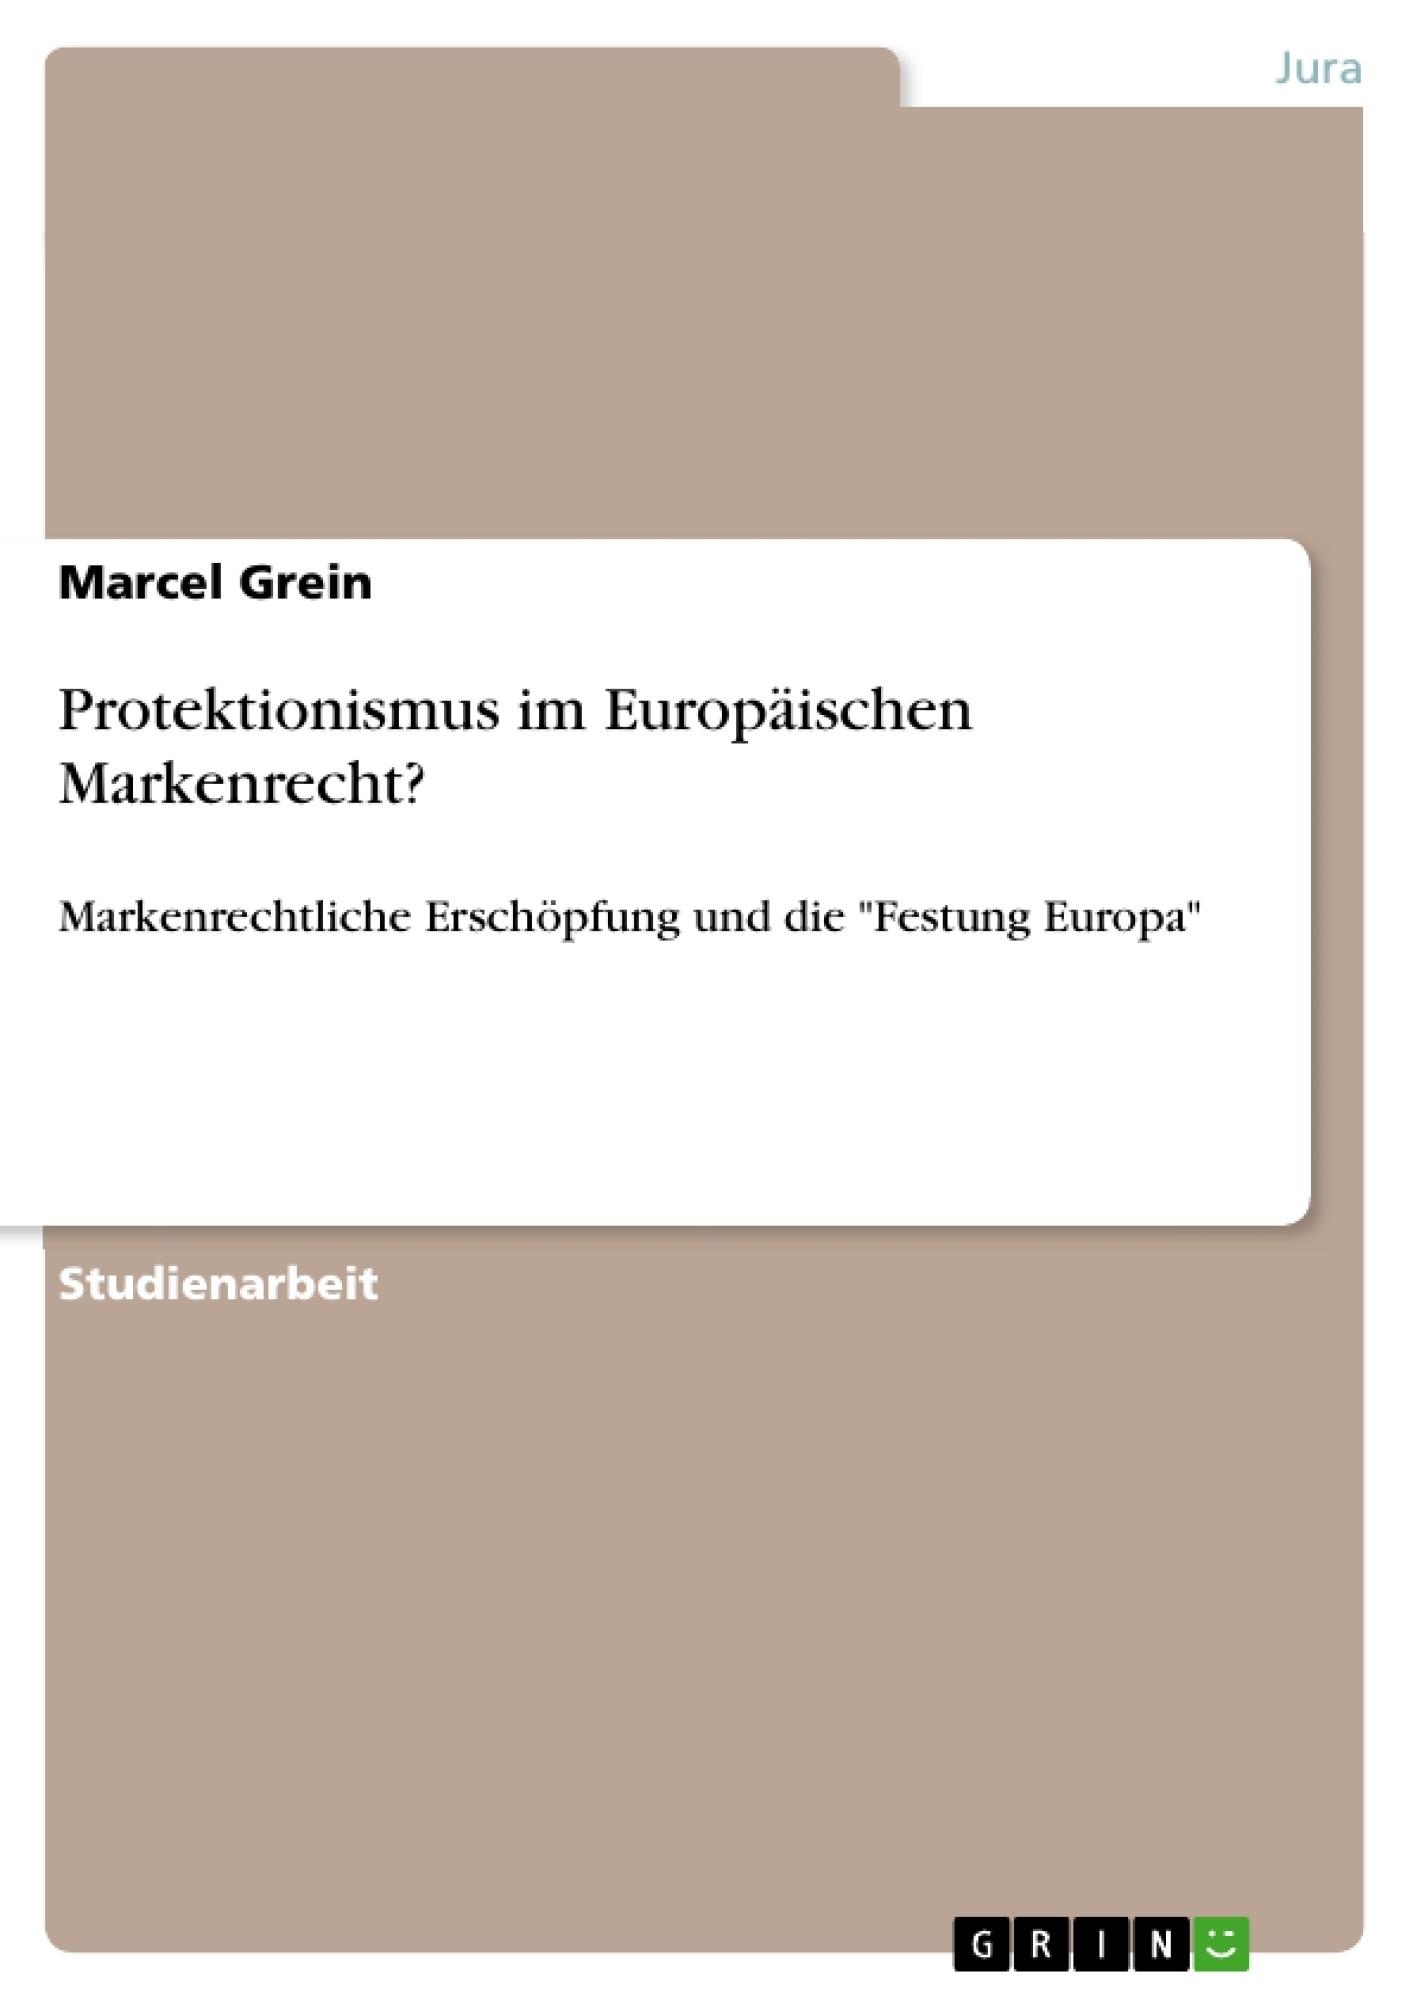 Titel: Protektionismus im Europäischen Markenrecht?